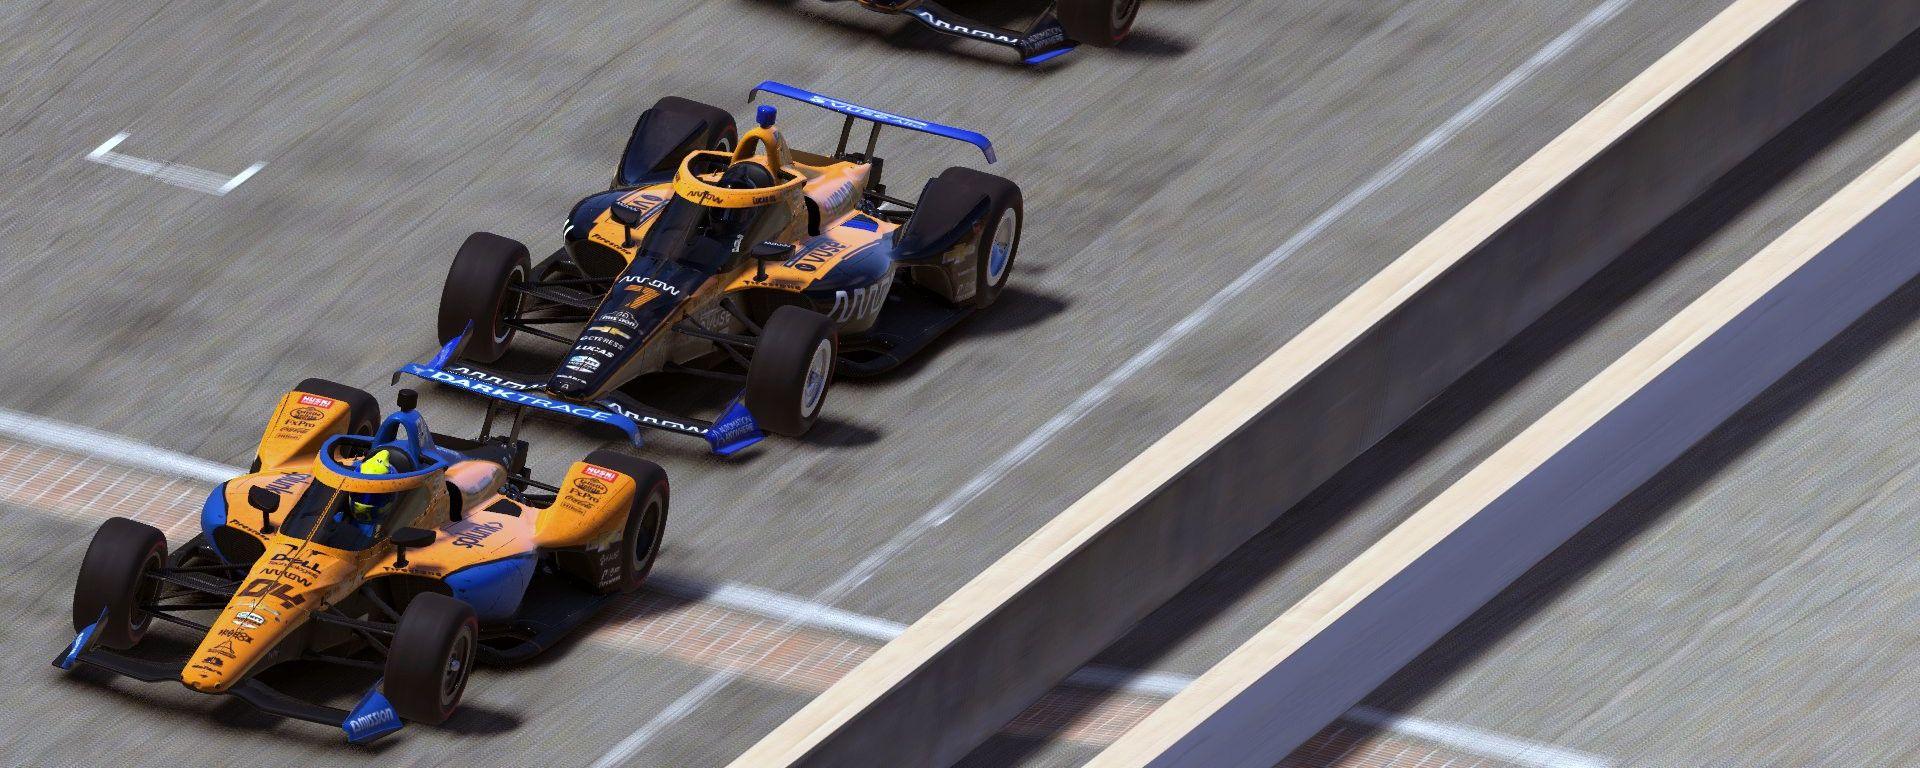 Lando Norris guida la gara sul tracciato di Indianapolis